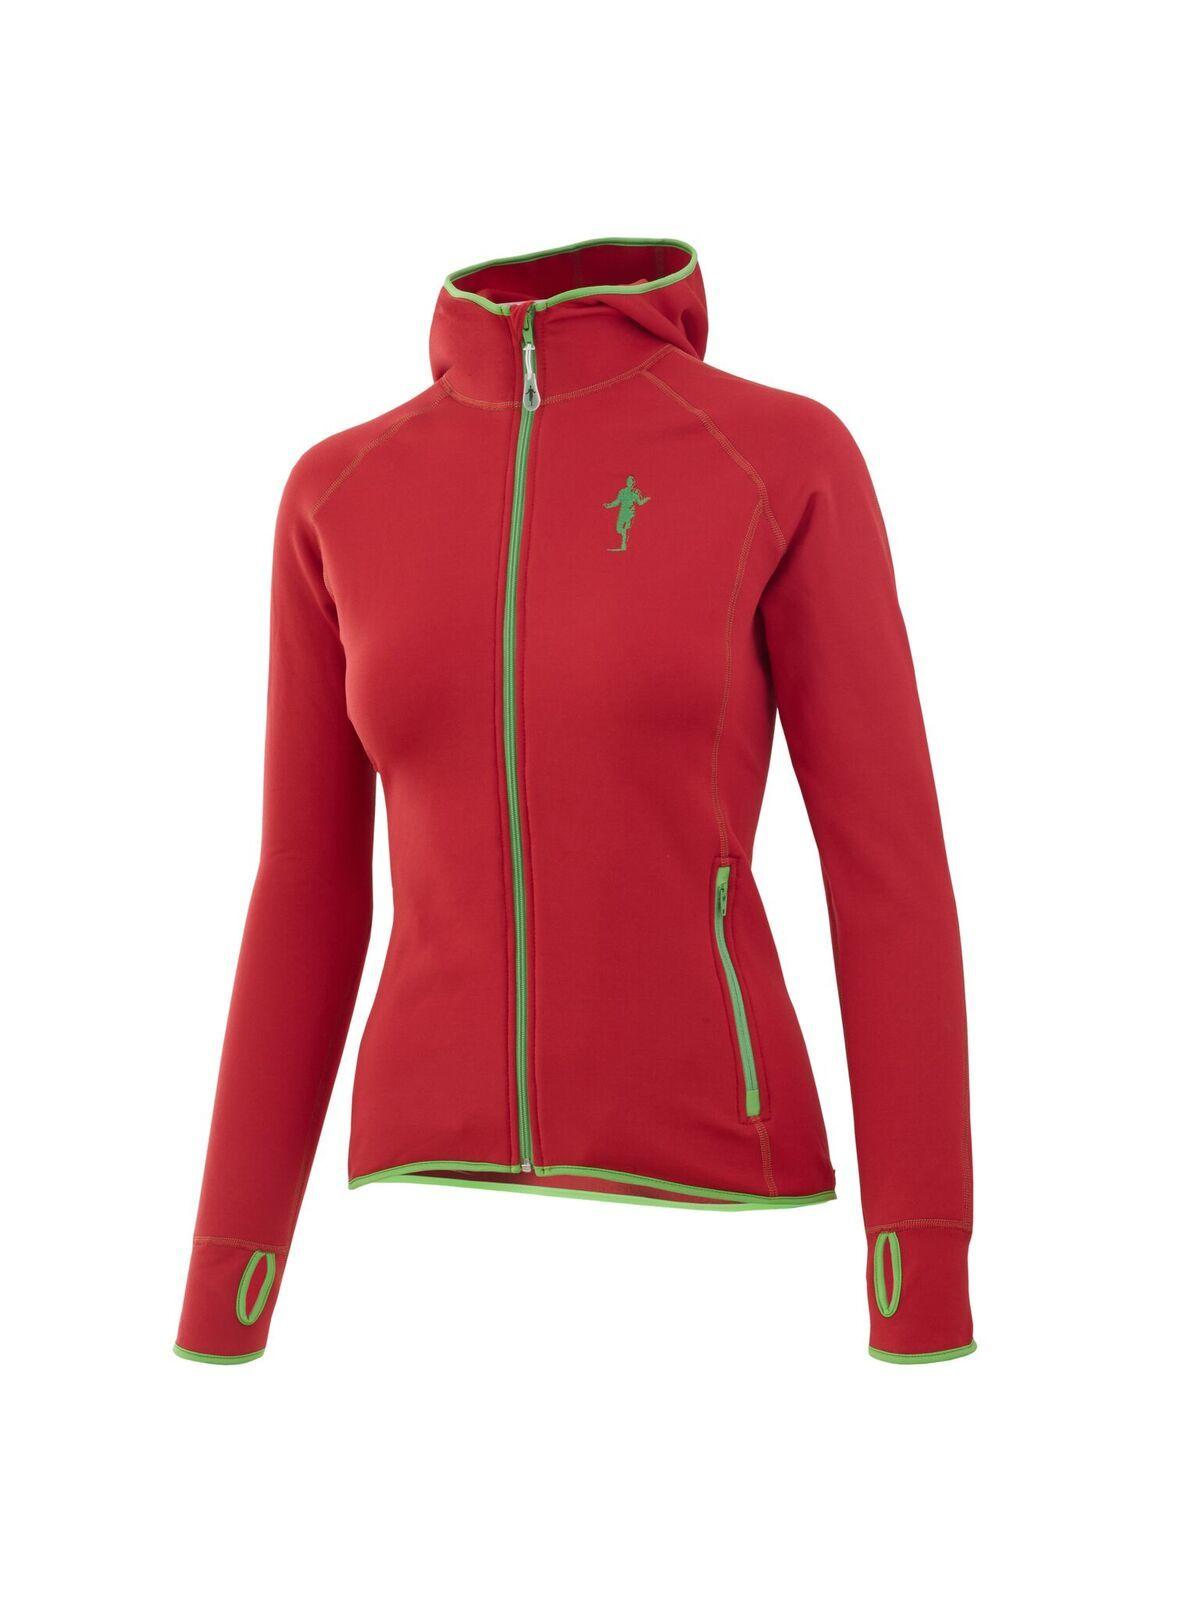 Thonimara Damen Fleece Hoody in Rot